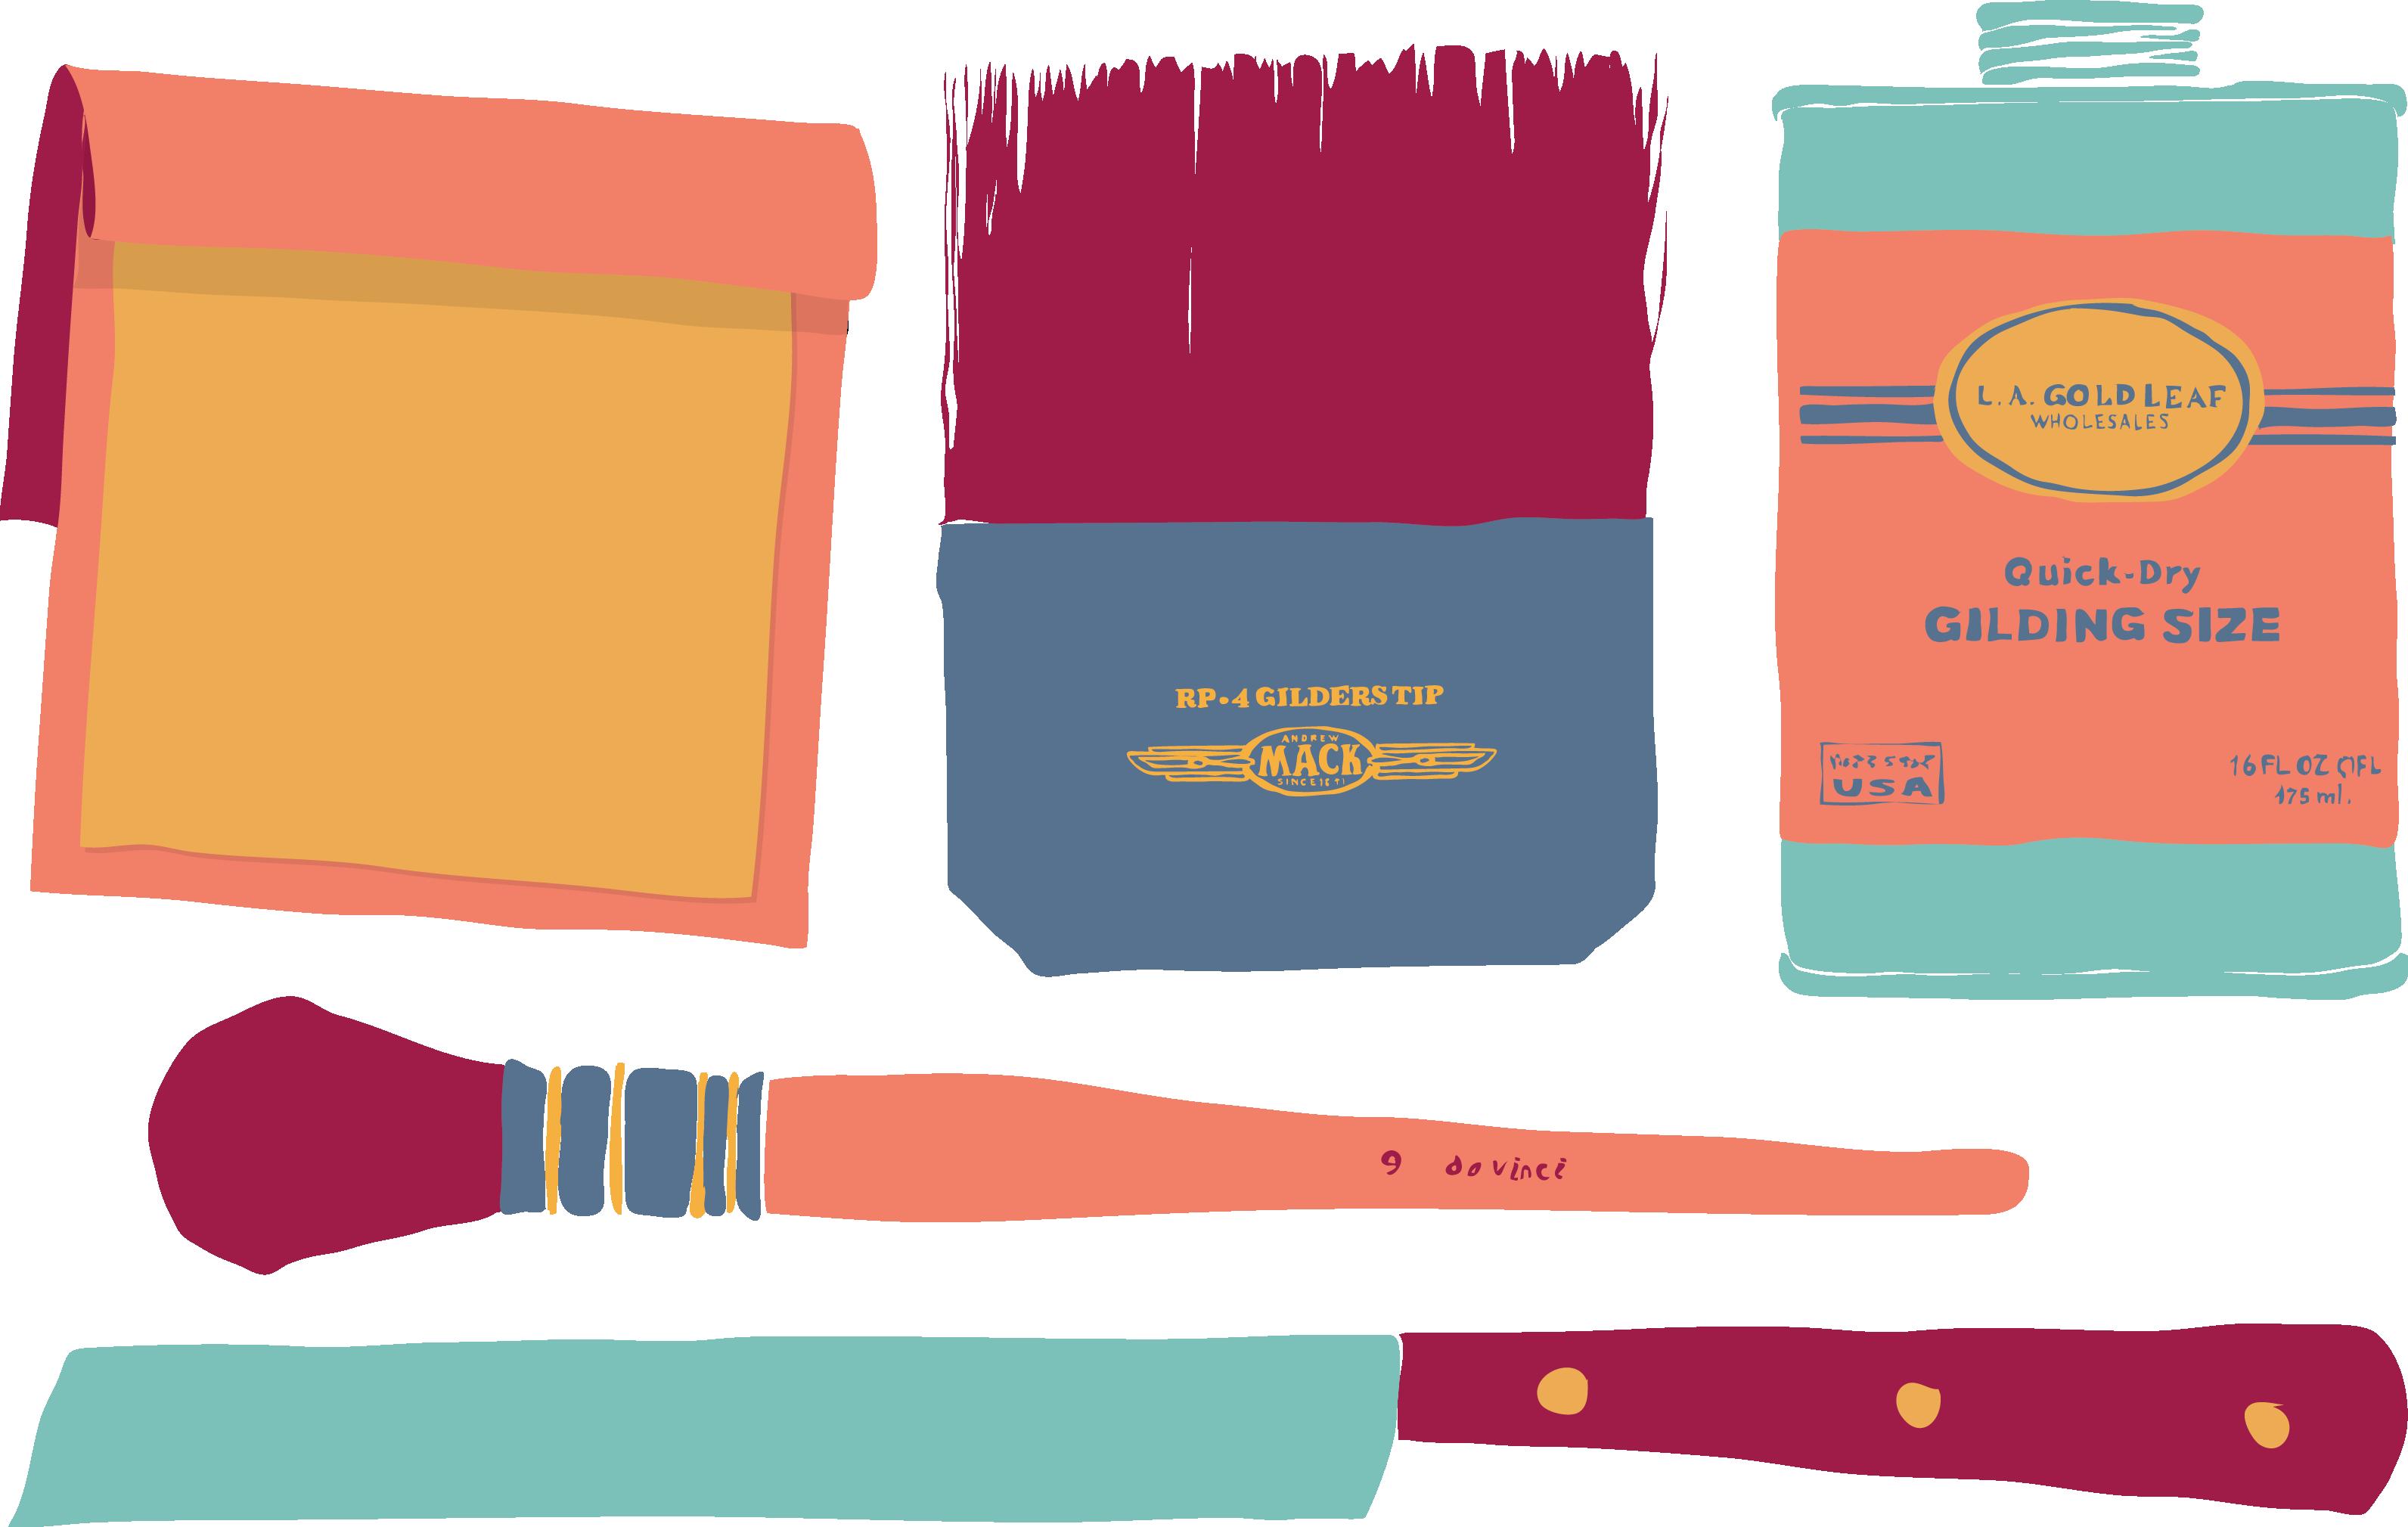 Hinterglasvergoldung, Blattgold, Schriftenmalerei, hand gemalt reverse glass gilding, gold leaf sing painting, sign writing, hand painted Tafelmaler